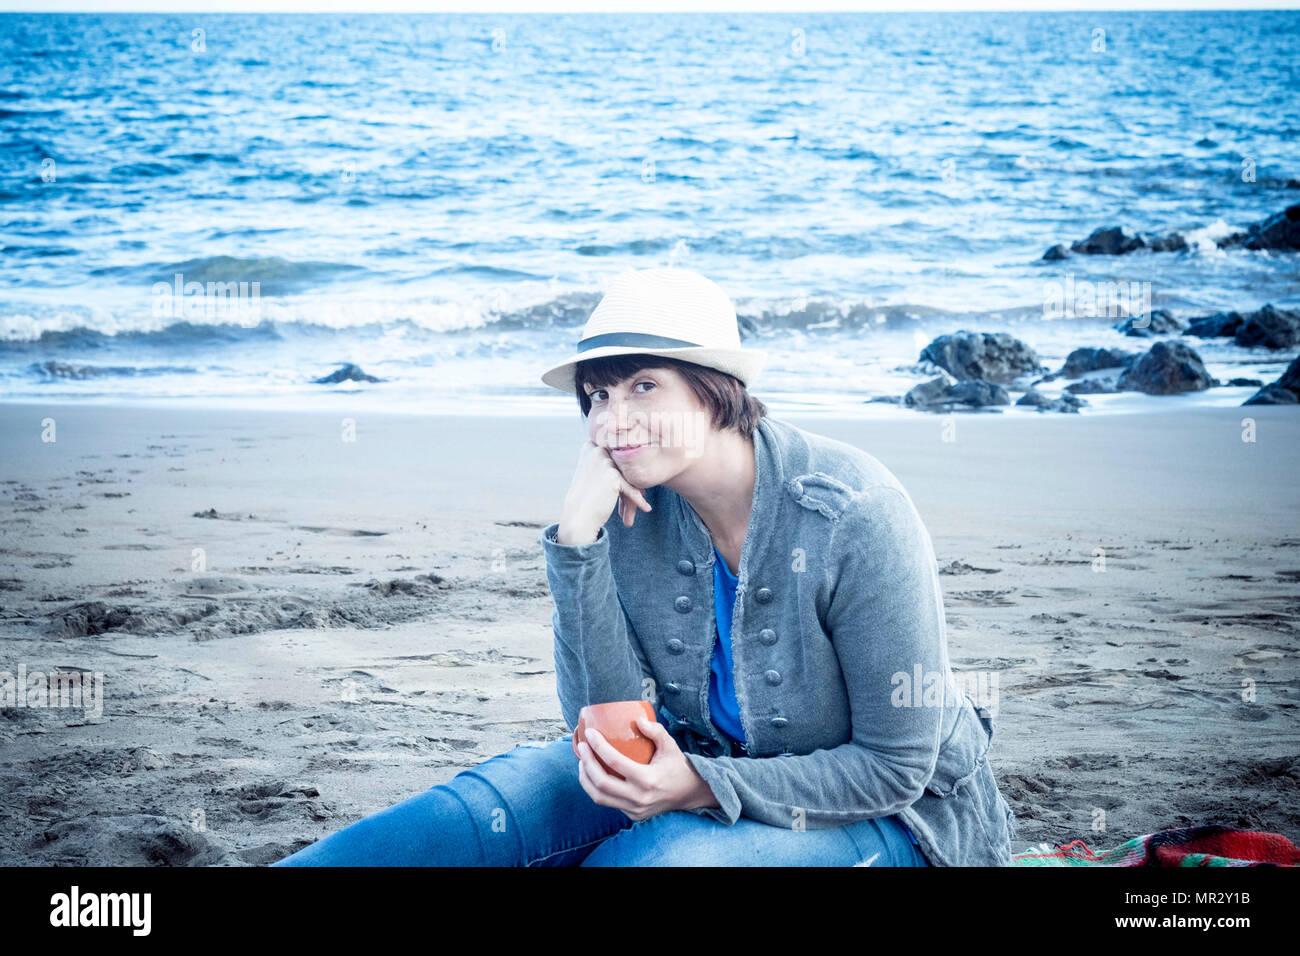 Belle belle jeune femme souriante avec chapeau assis sur la plage en hiver. locations de loisirs de plein air concept de Nice. Photo Stock